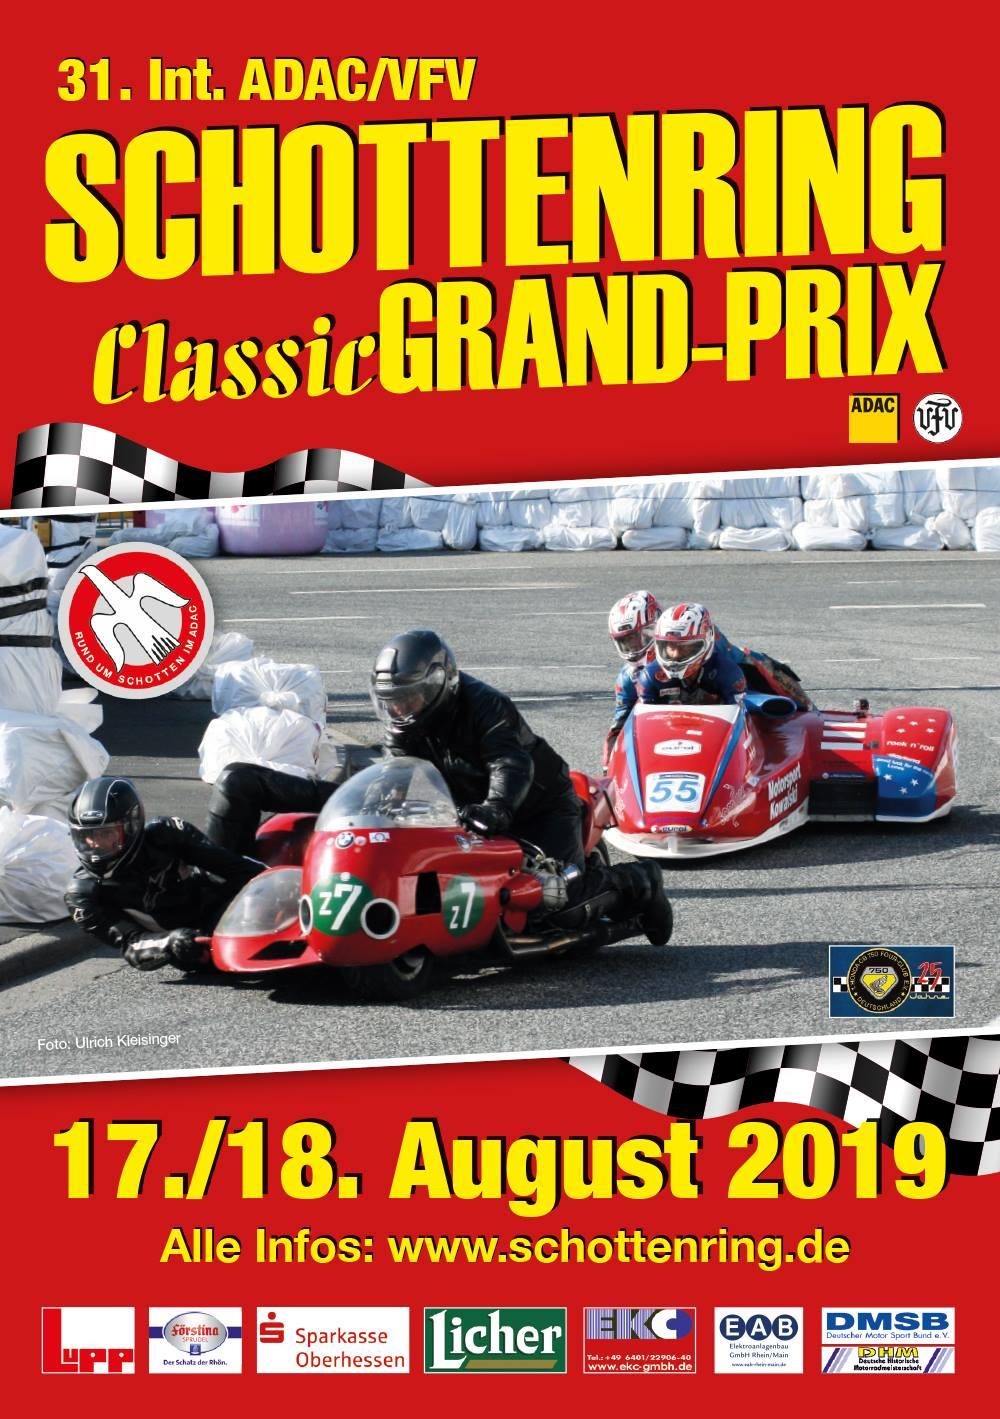 31. Int. ADAC/VFV Schottenring Classic GRAND-PRIX